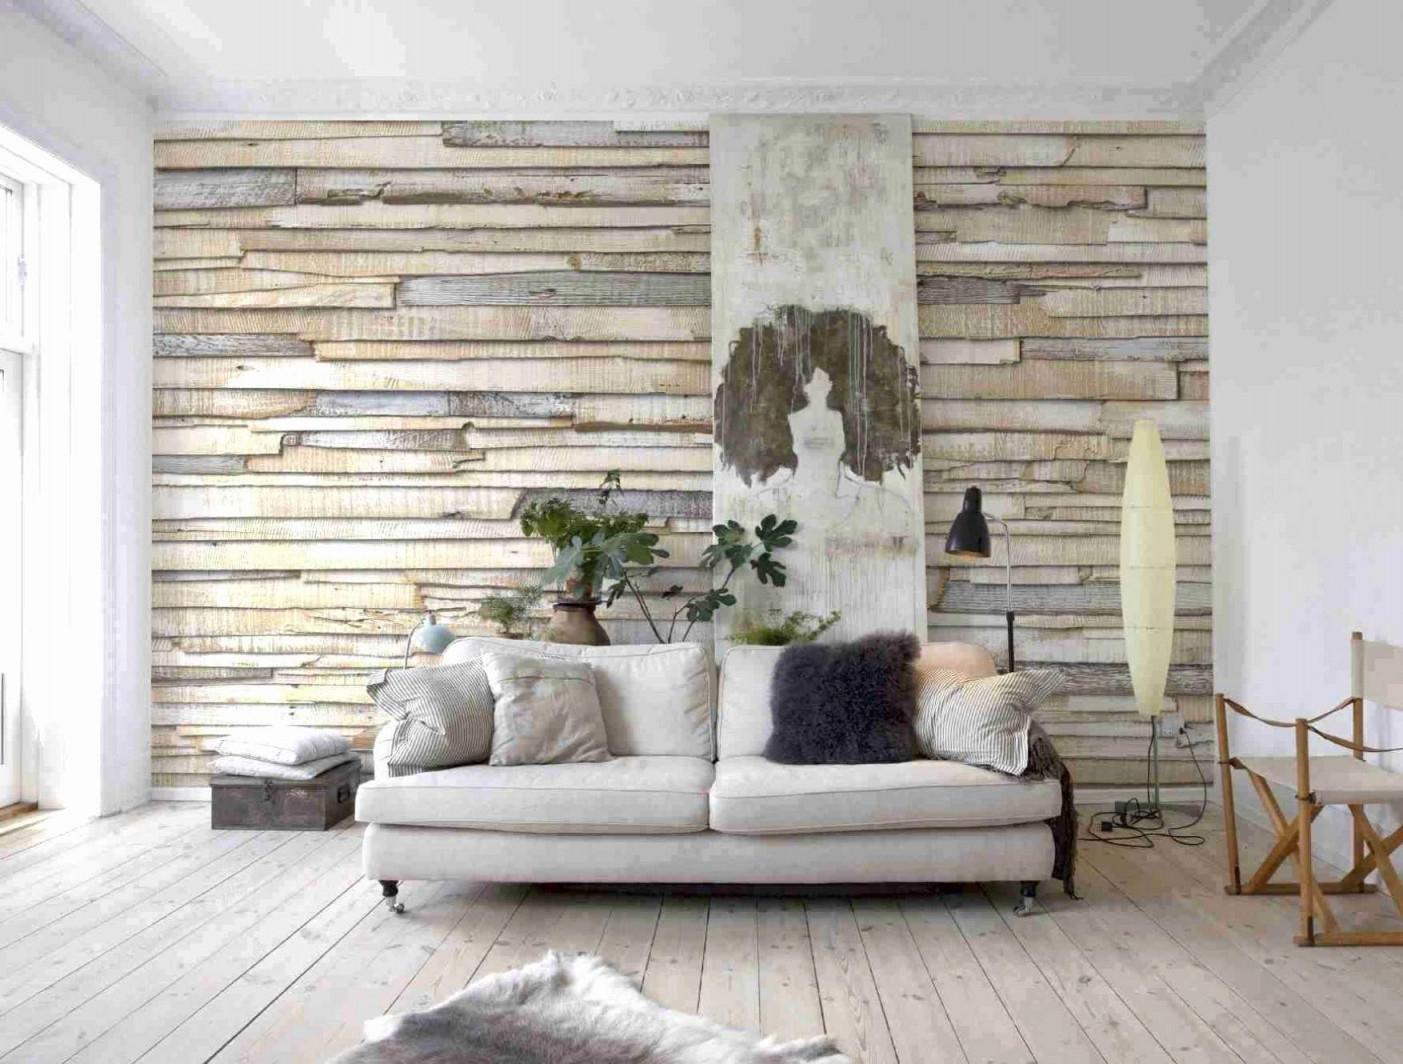 Wohnzimmer Tapeten Ideen Modern Frisch 33 Frisch Tapeten von Wohnzimmer Gestalten Tapete Bild